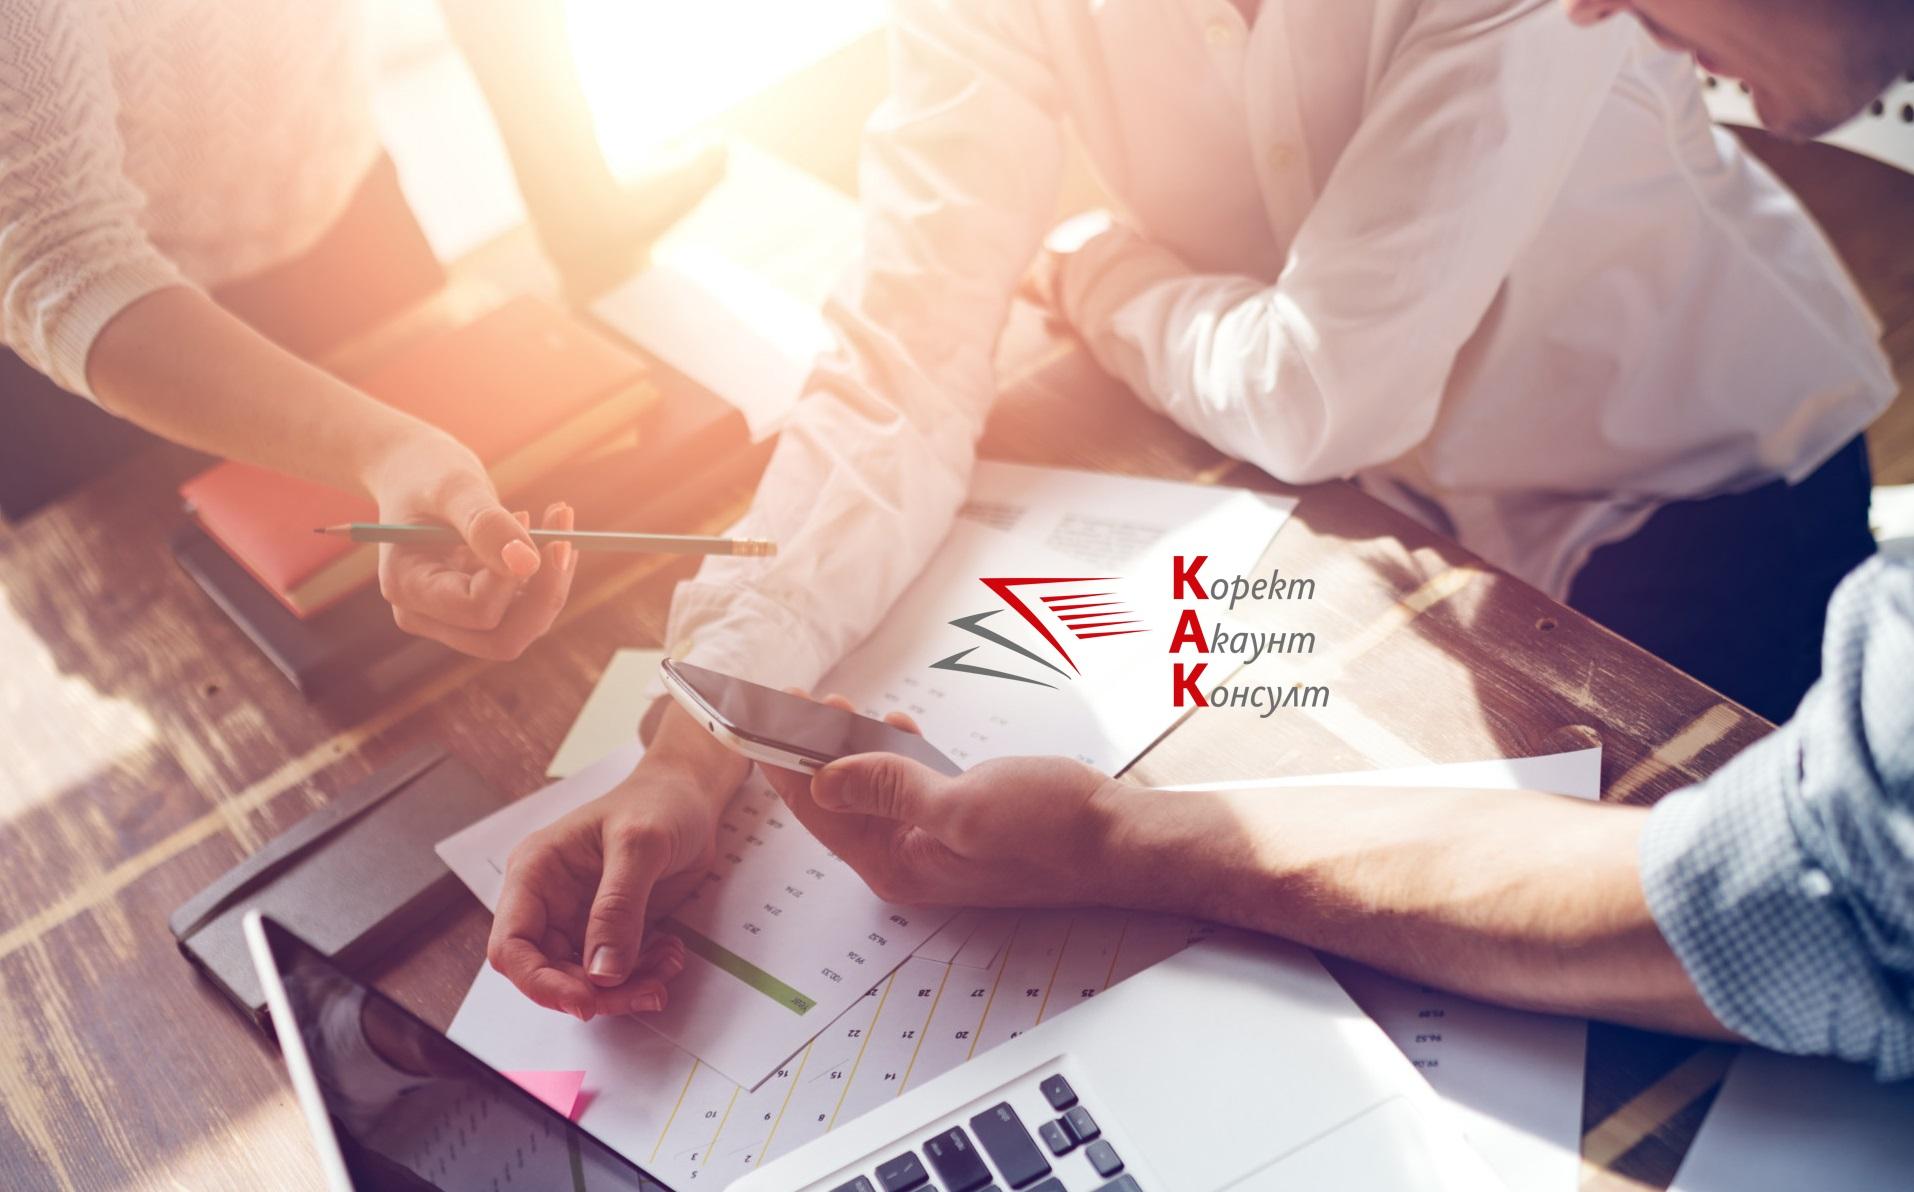 НАП на среща с разработчици на софтуер за продажби: Ново отлагане на сроковете по Н-18 няма да има